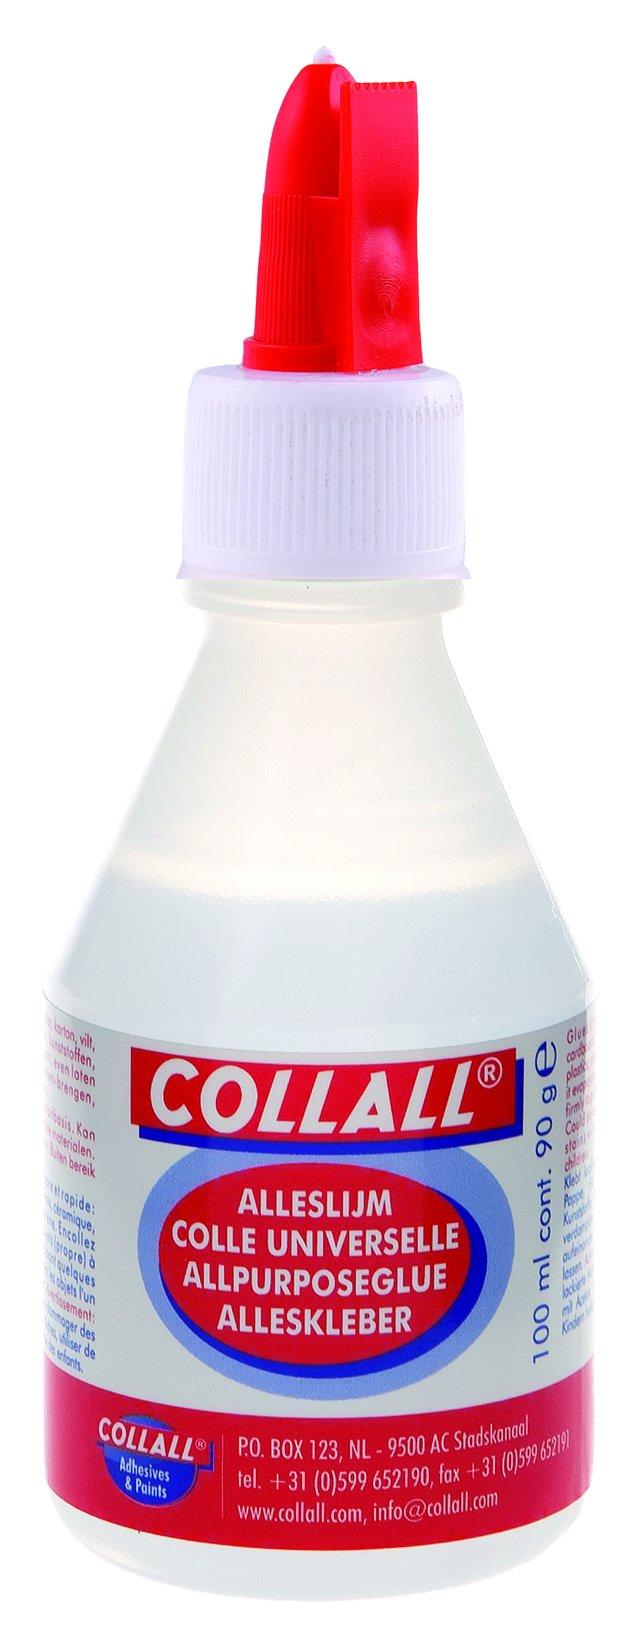 Pegamento multiusos Collall, 100ml